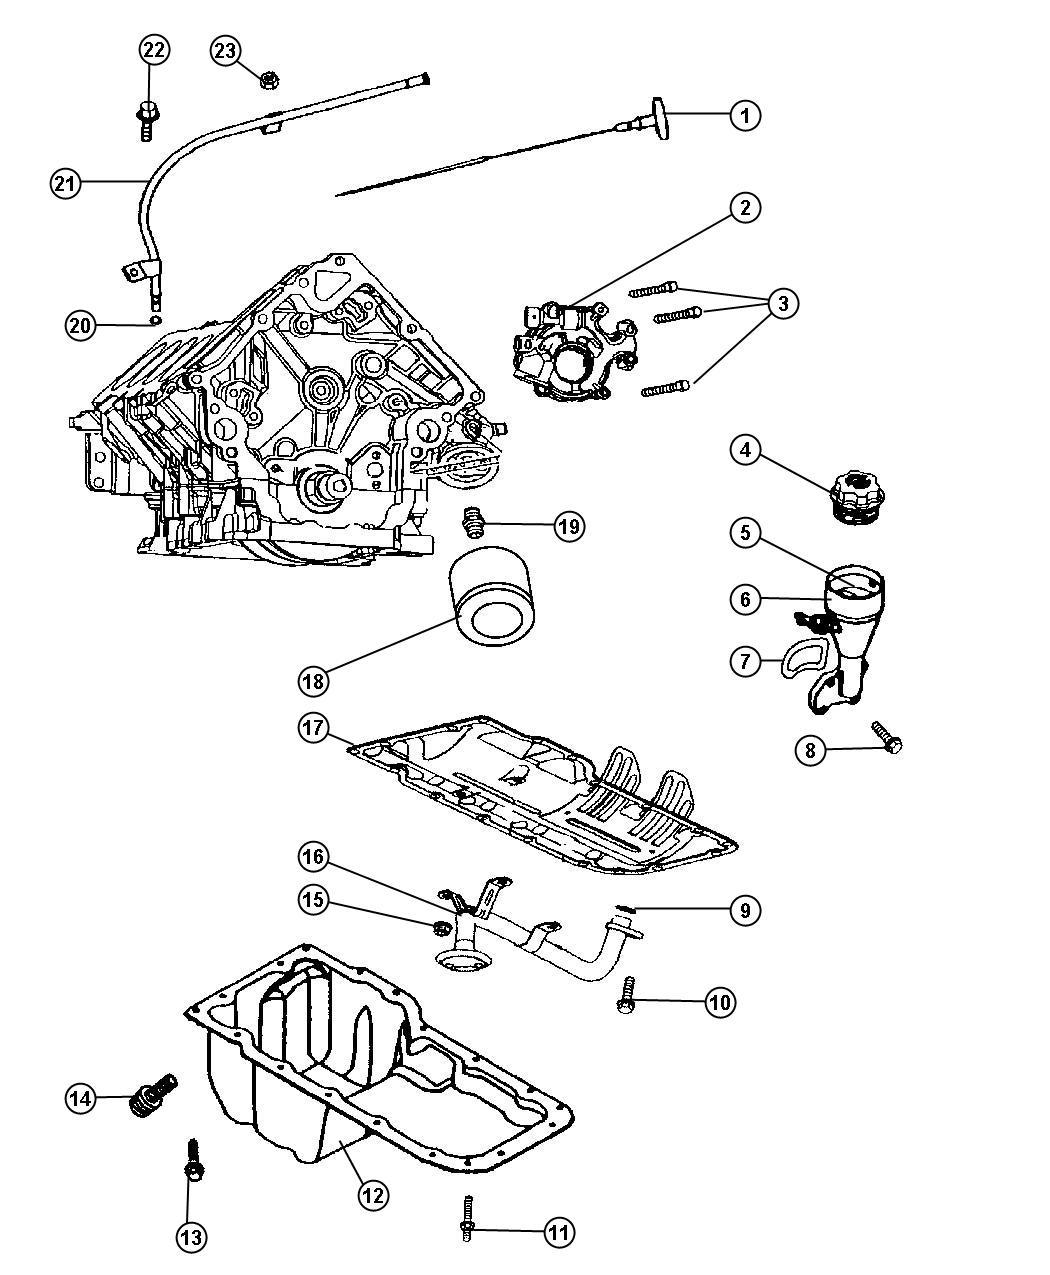 2007 Chrysler Aspen Cap. Oil filler. [[3.7l v6 engine or 4